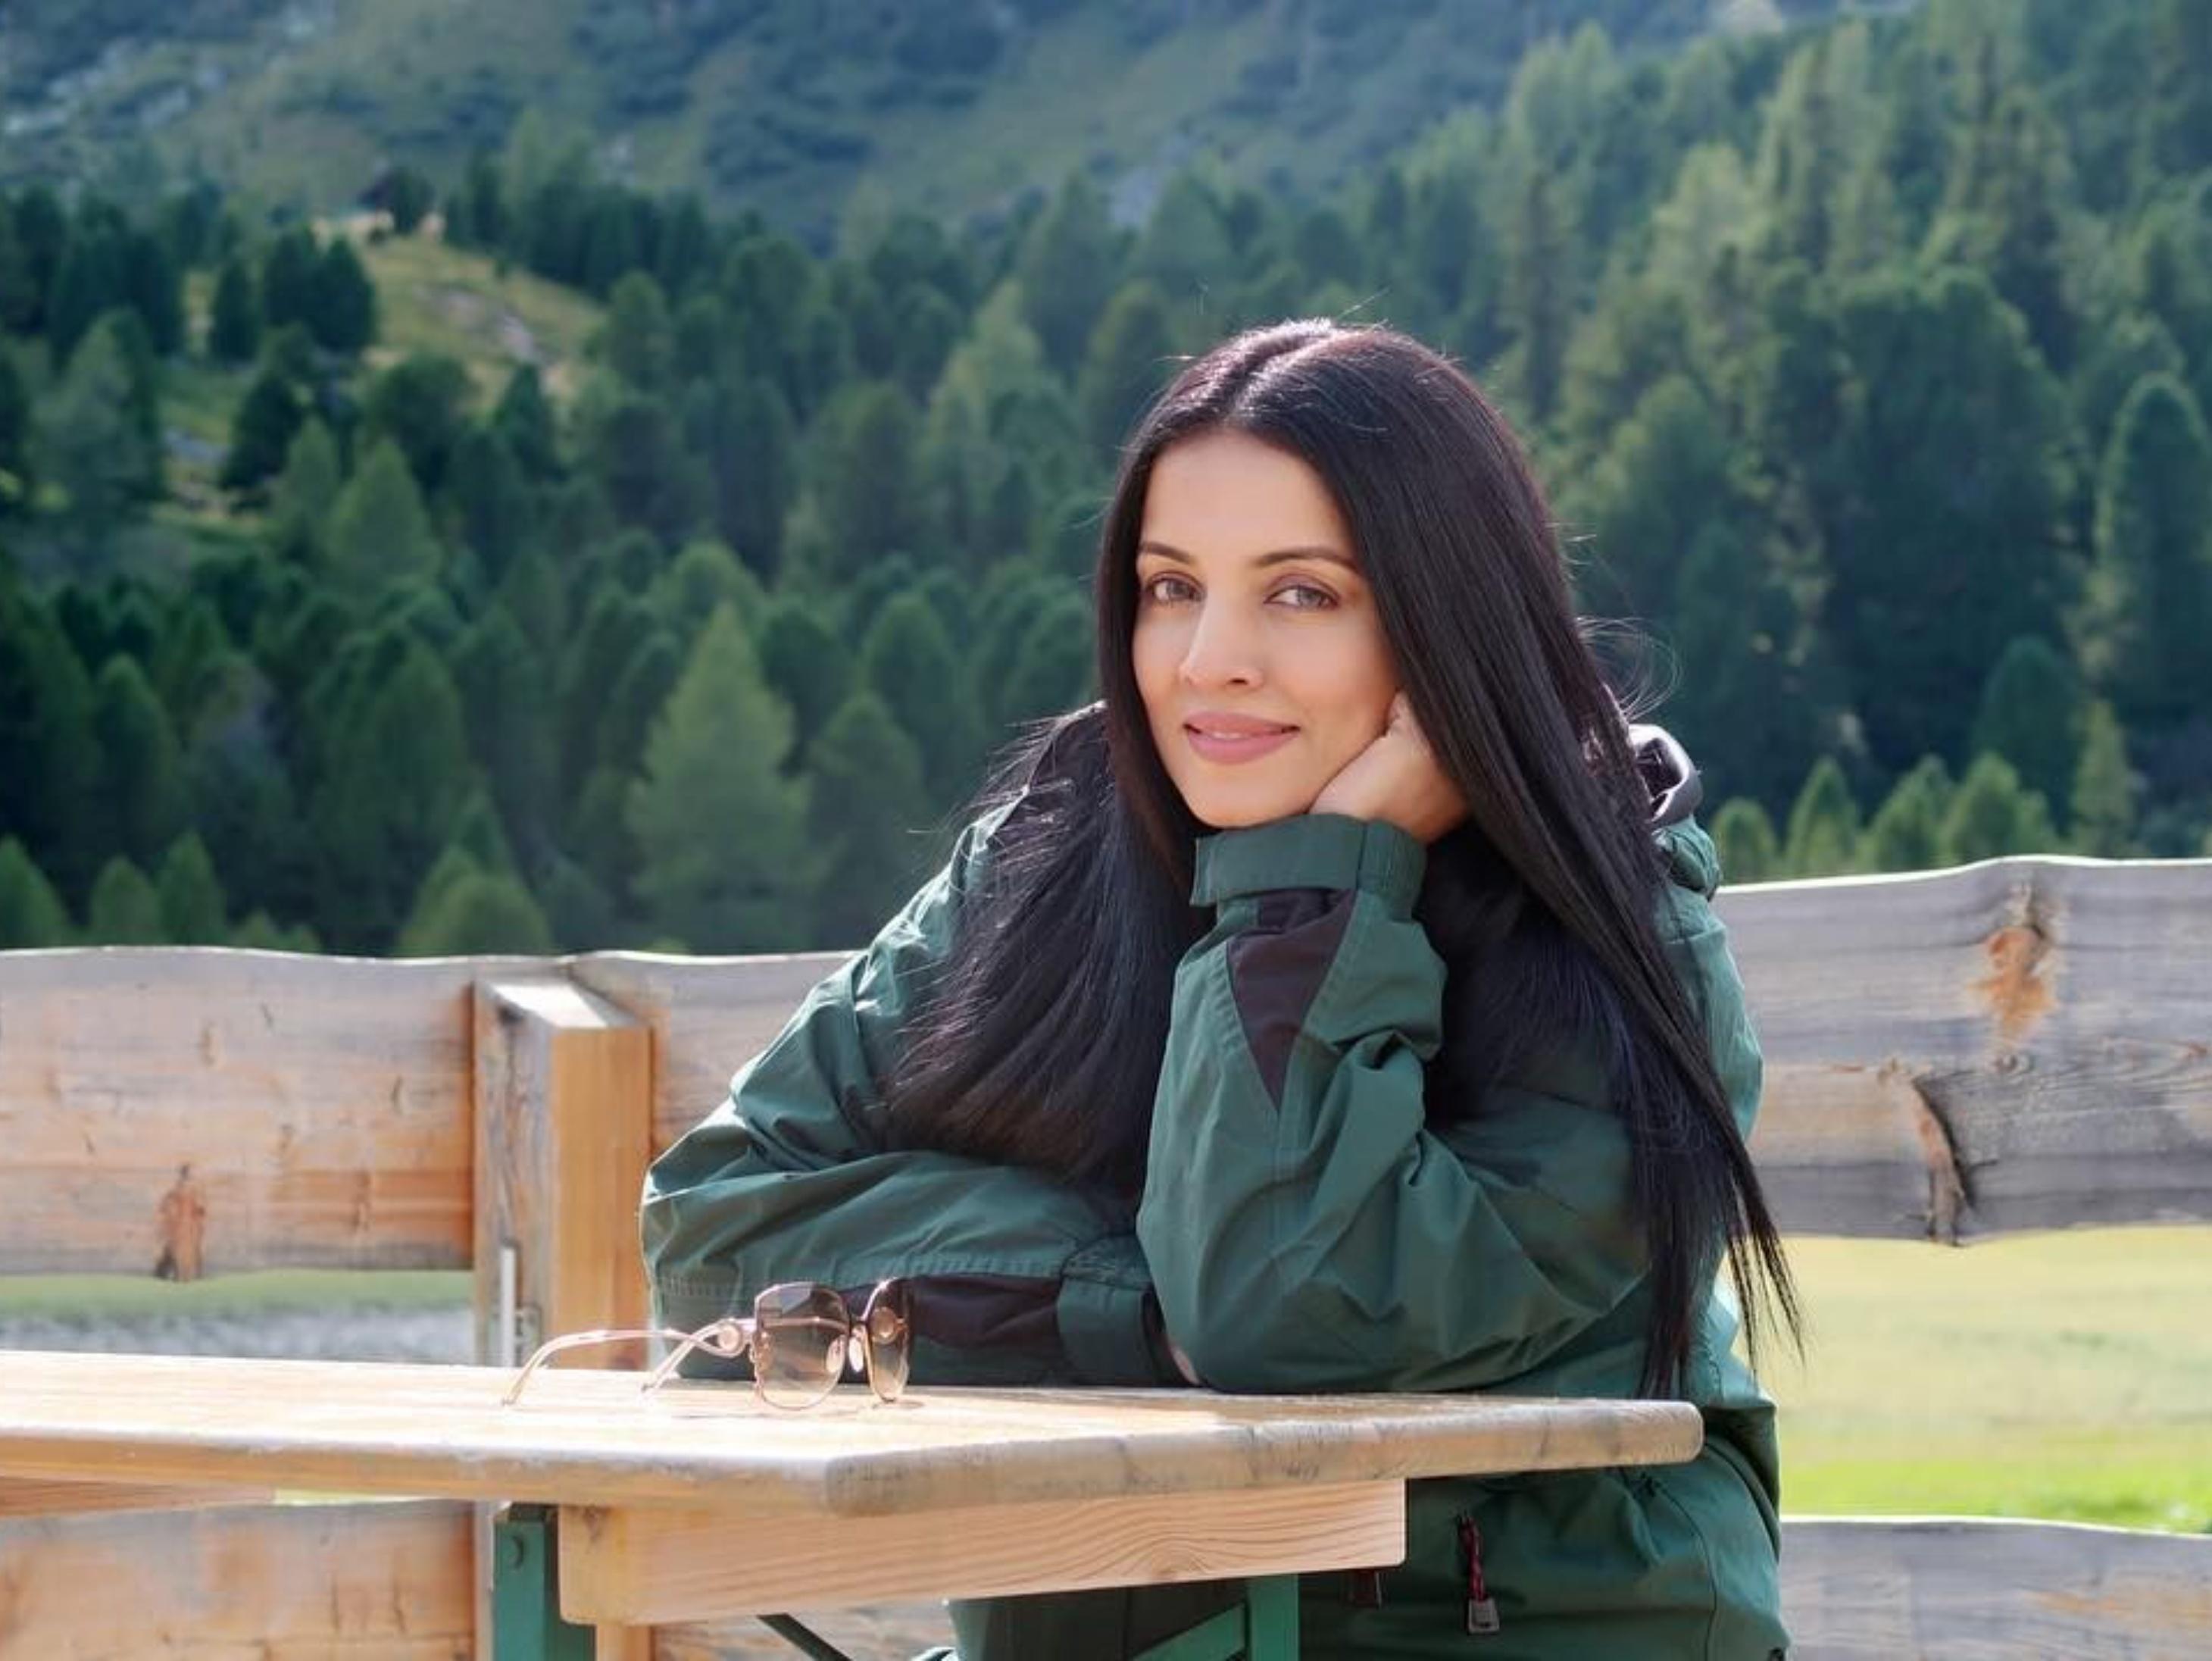 राज कुंद्रा ने नहीं, शिल्पा शेट्टी ने सेलिना जेटली को ऐप के लिए काम करने अप्रोच किया था|बॉलीवुड,Bollywood - Dainik Bhaskar